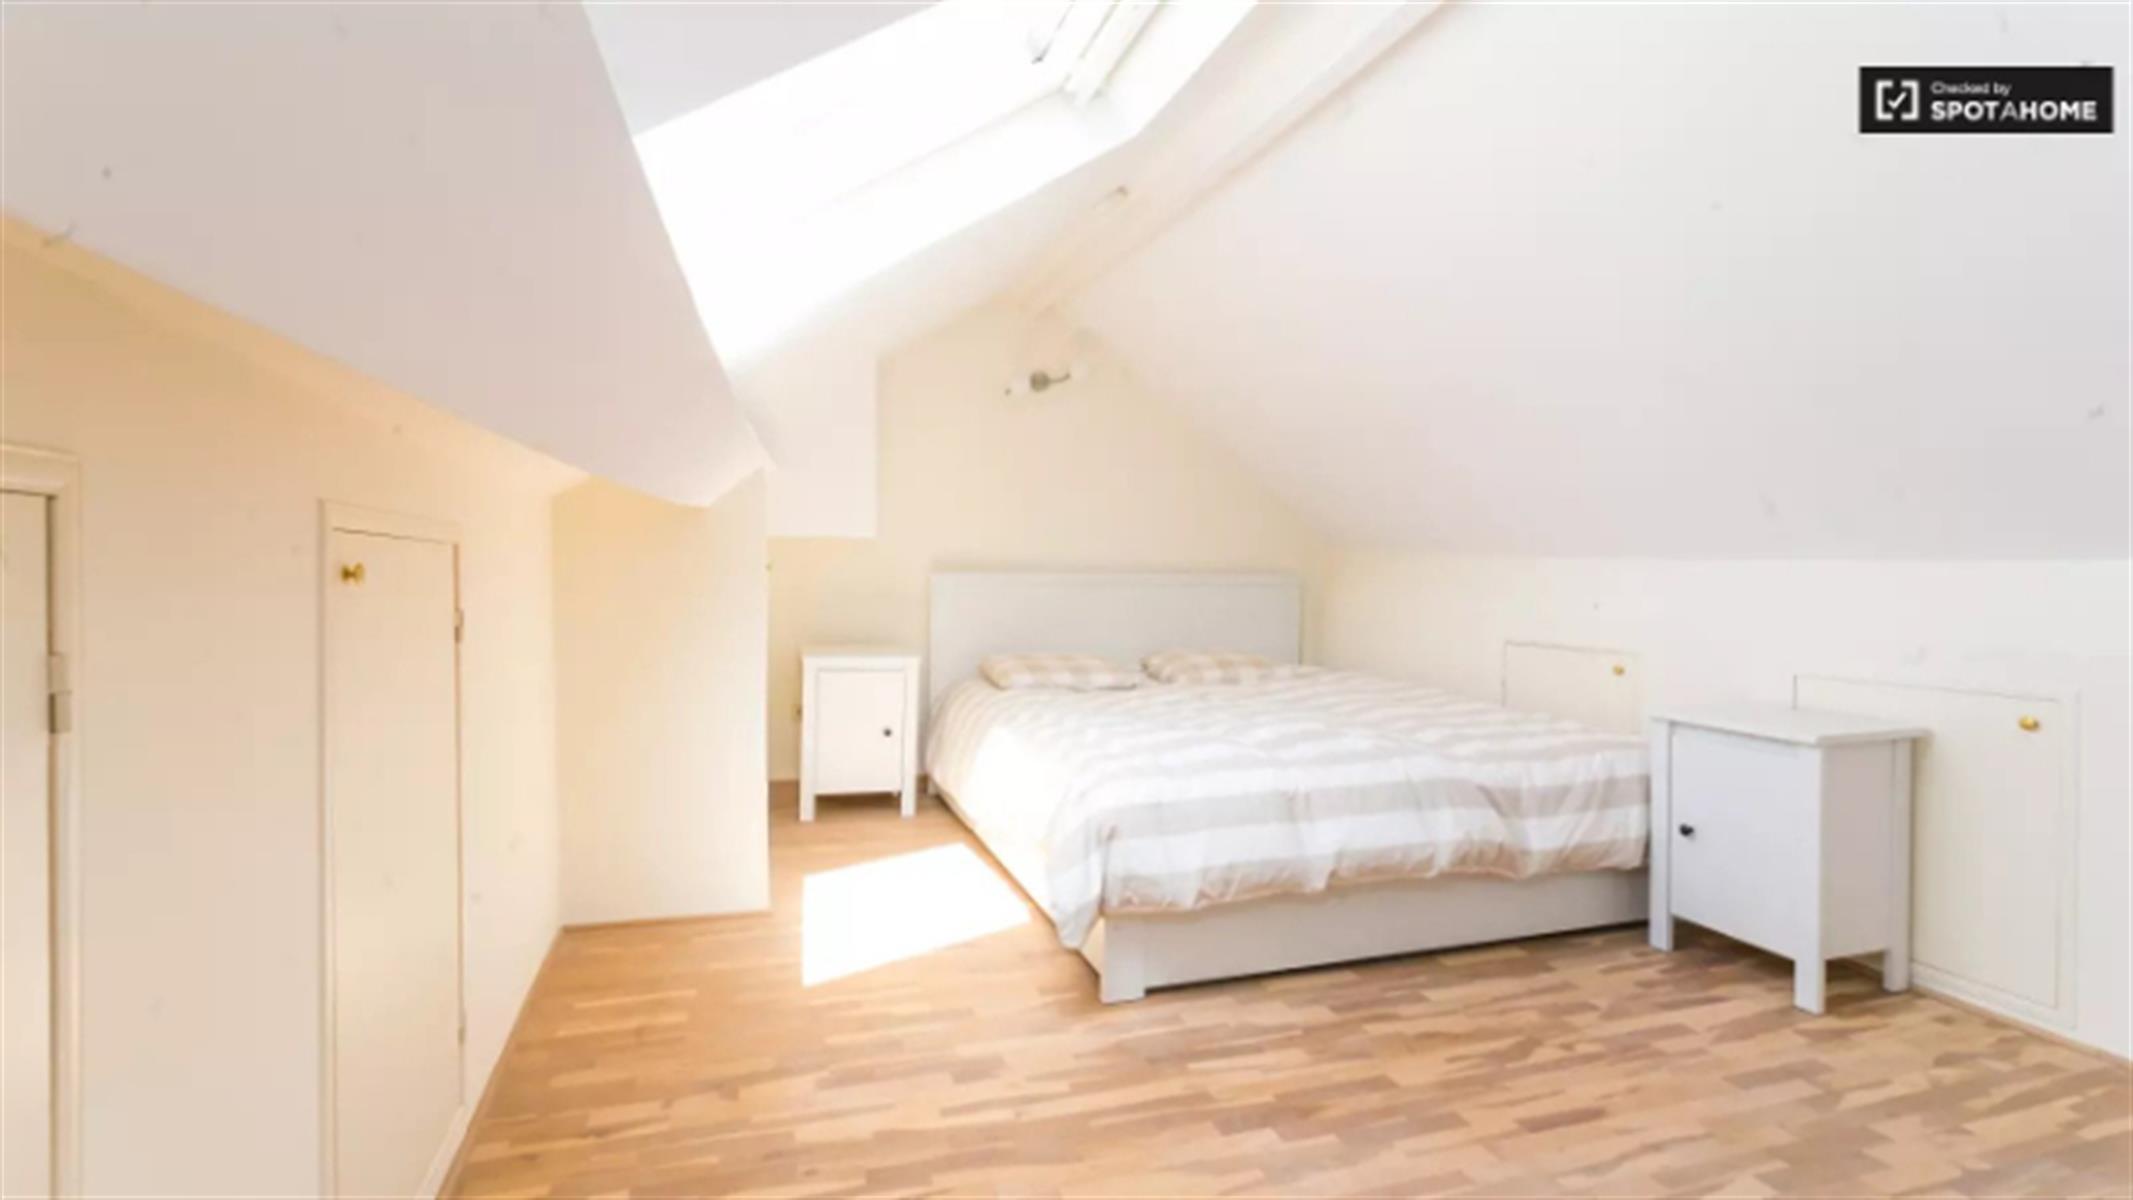 Appartement - Ixelles - #4150592-7